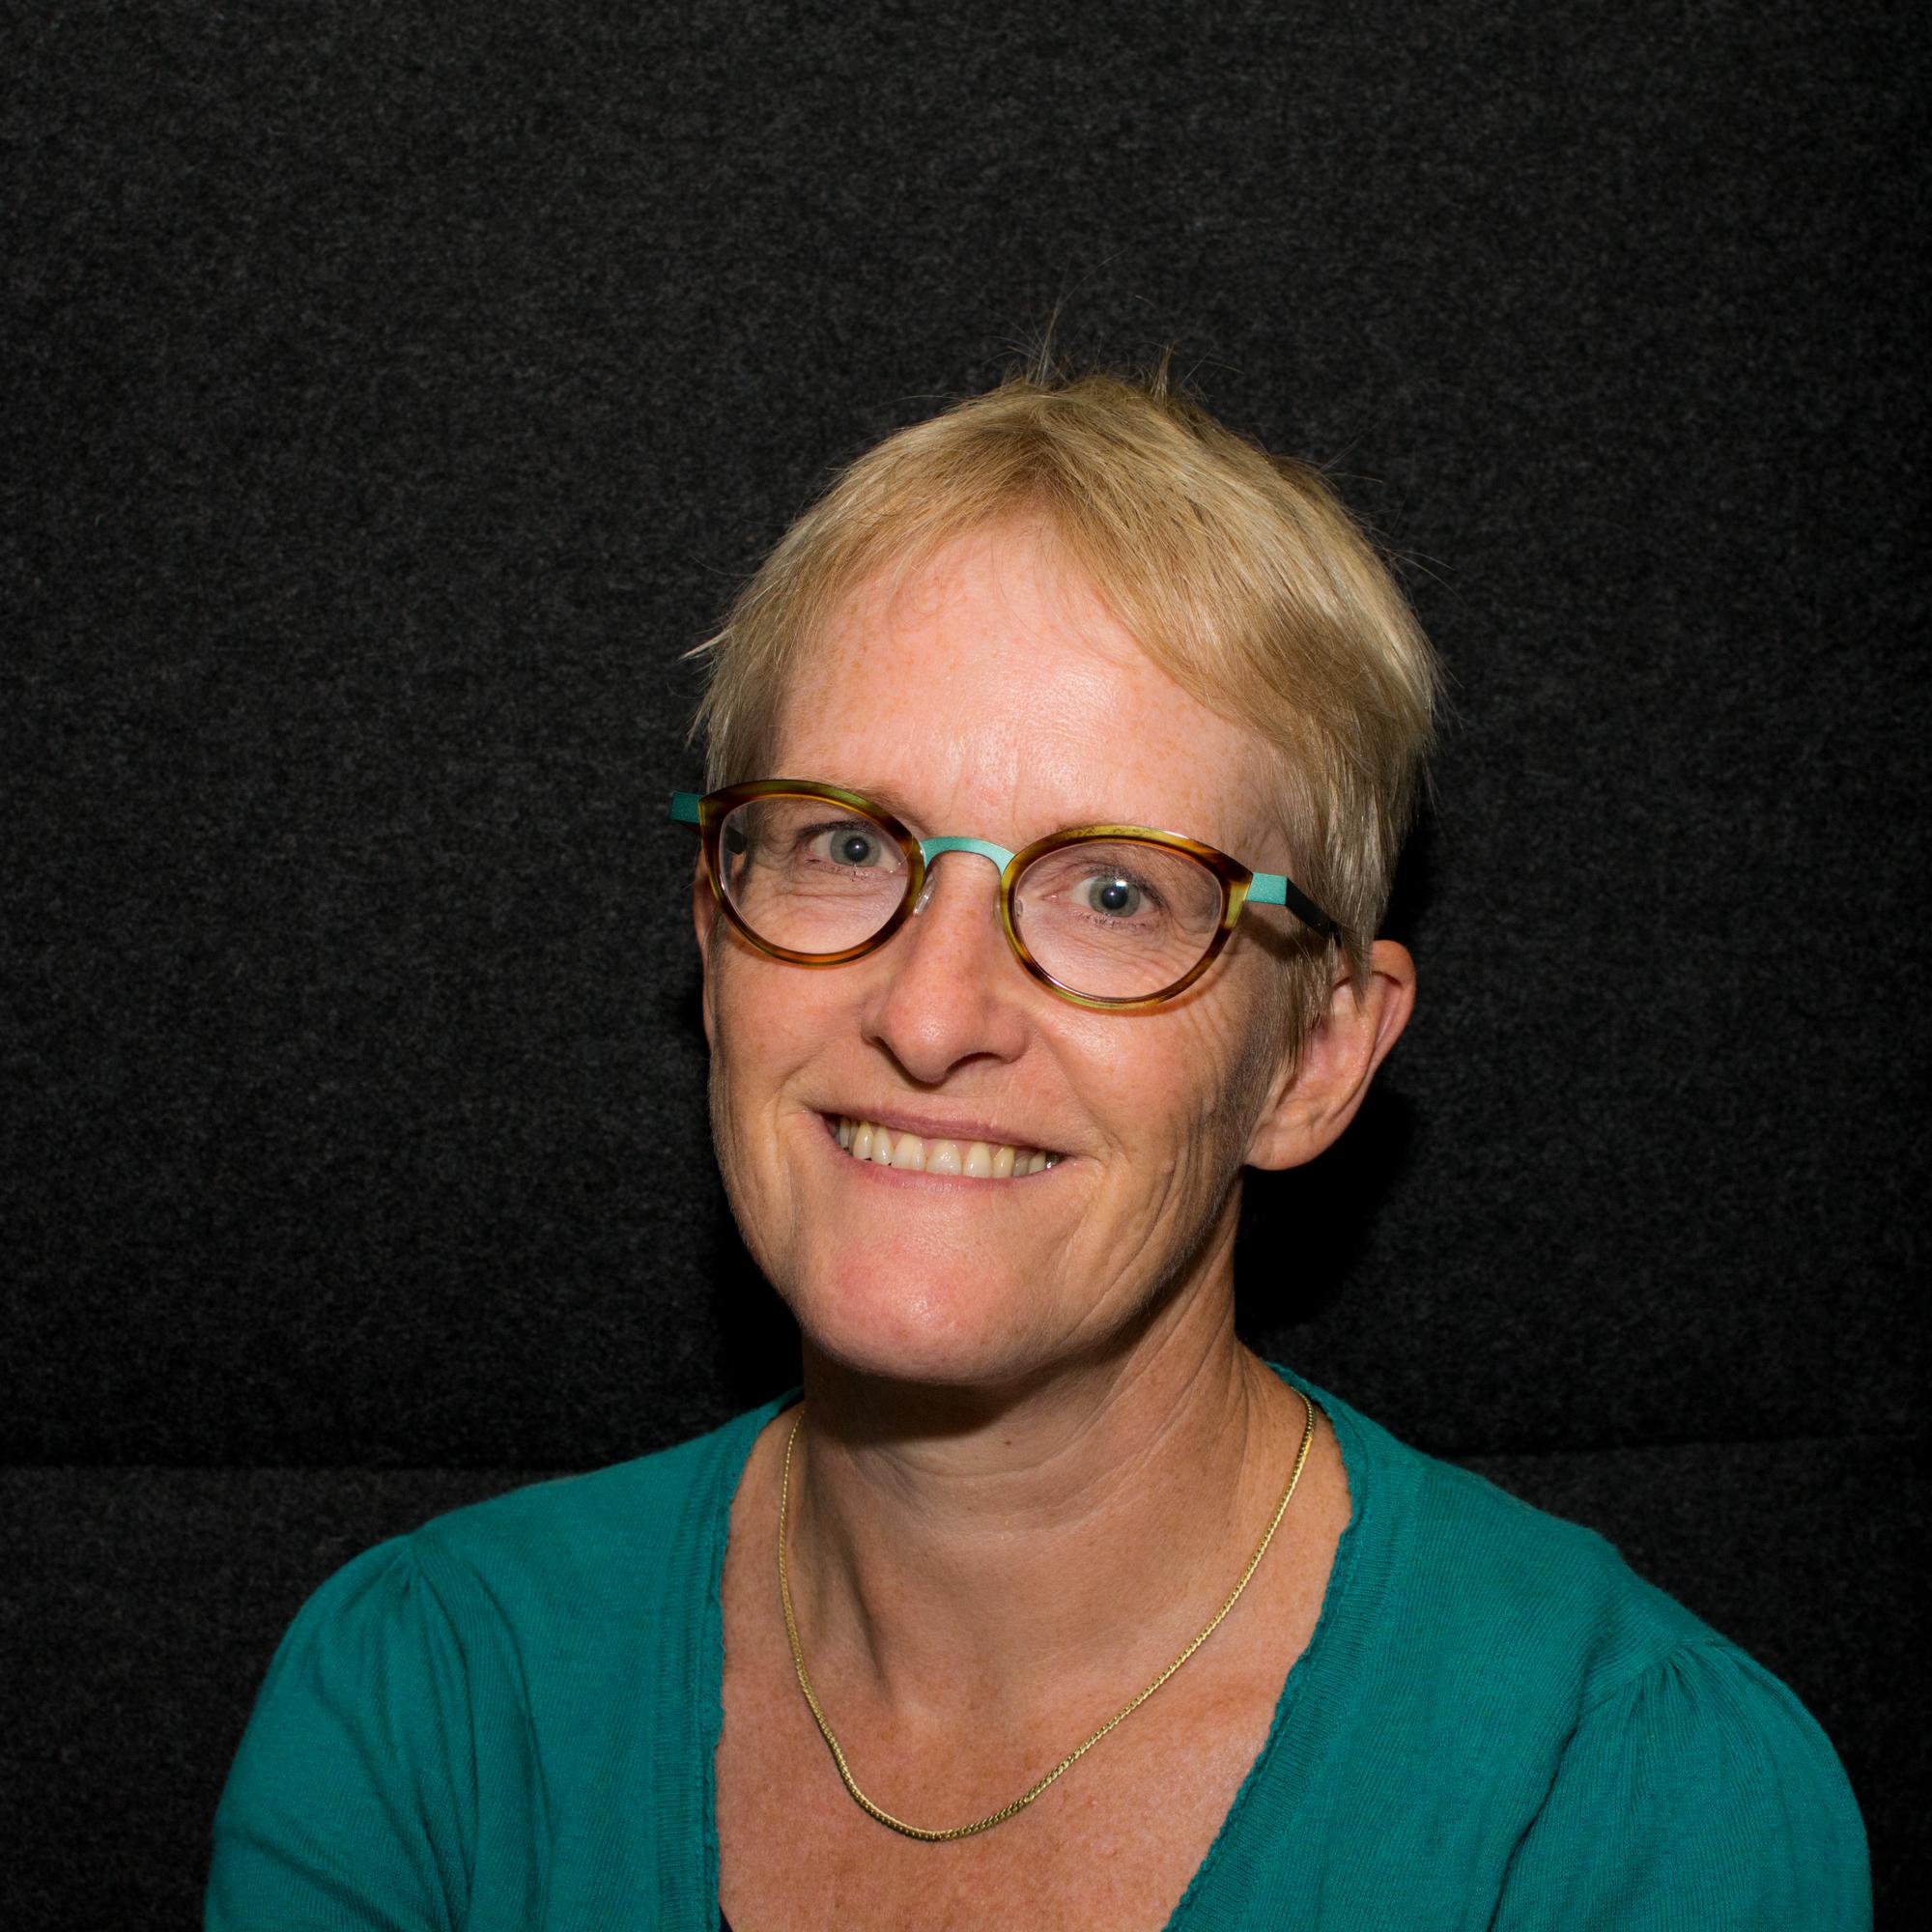 Toetsfestival PO Ellen Timminga, Onderwijsinspectie